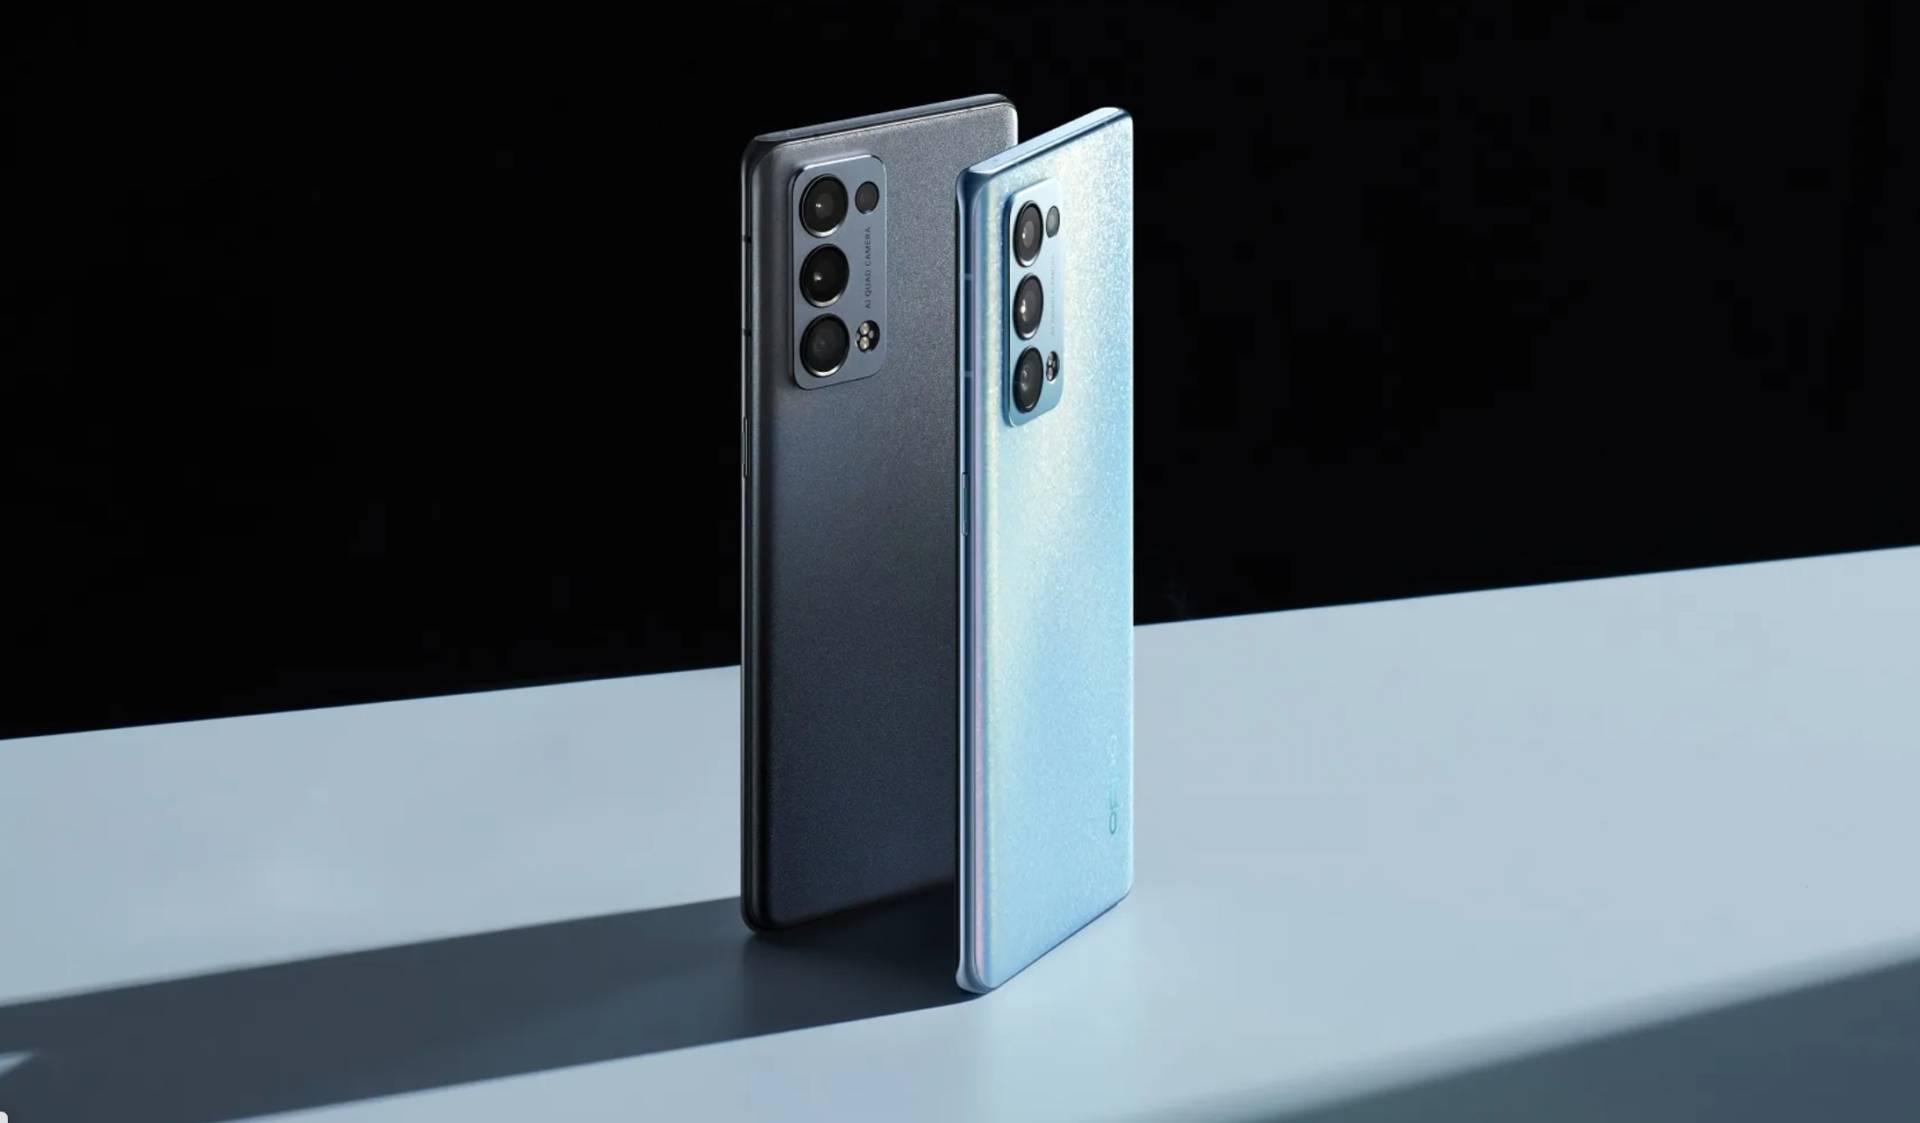 Reno6 e Reno6 Pro, i nuovi smartphone 5G di OPPO